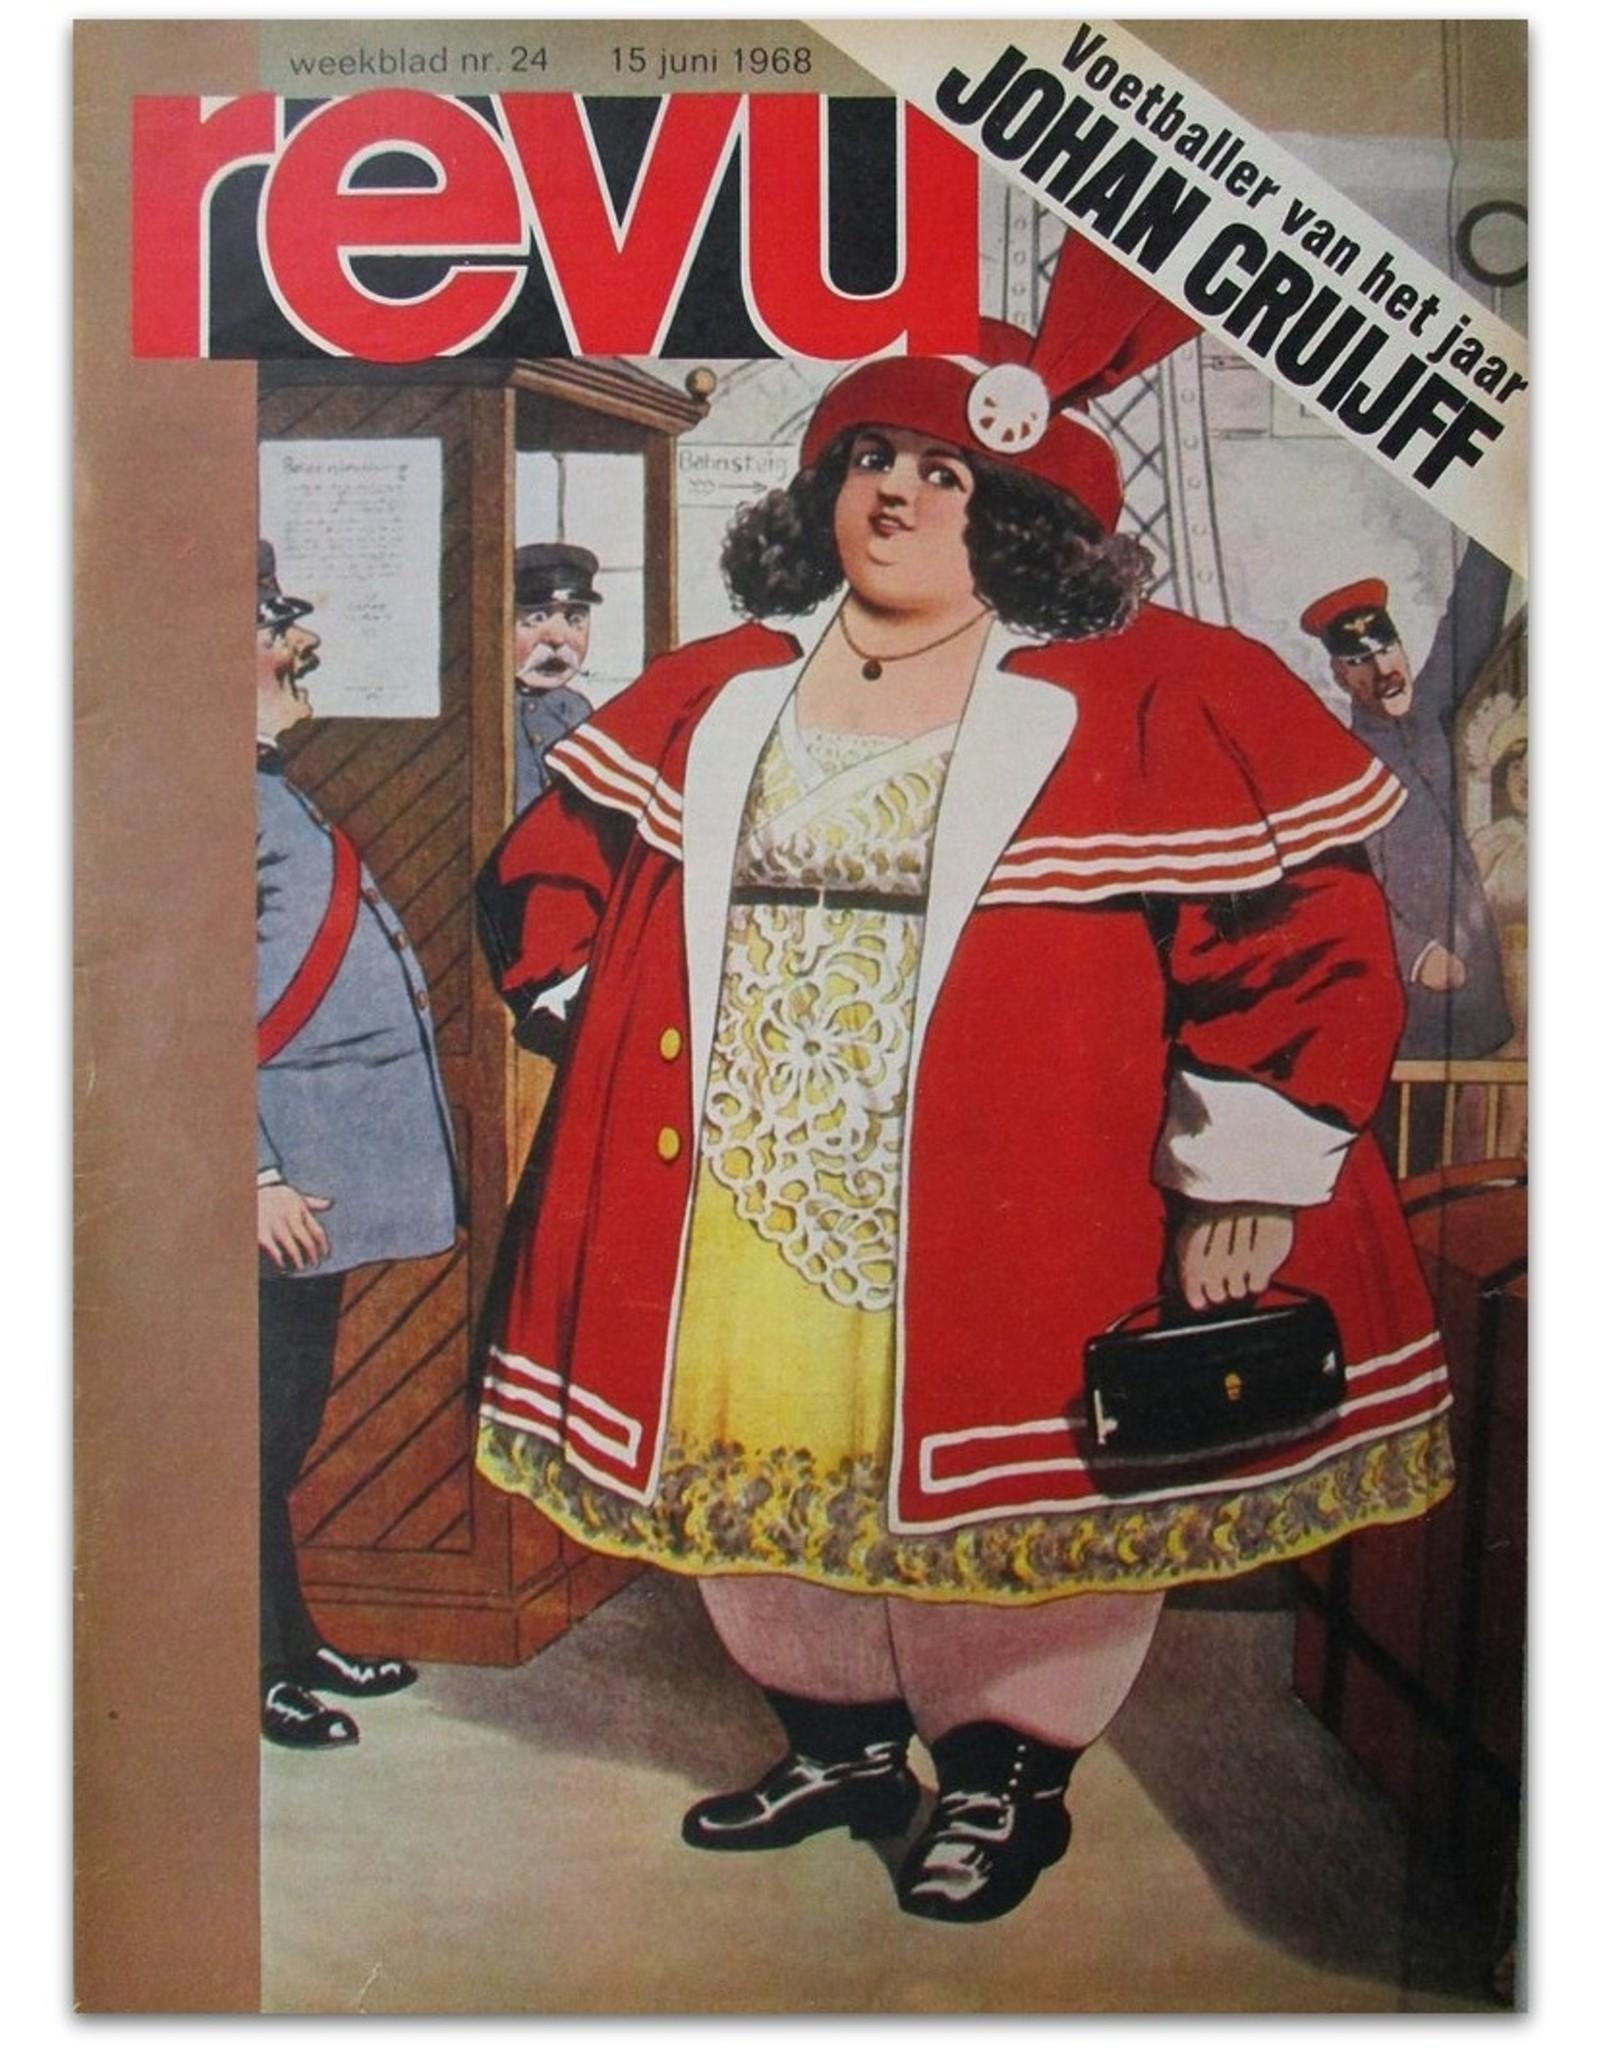 REVU Weekblad Nr. 24 - Juni 1968. [Voetballer van het jaar: Johan Cruijff]